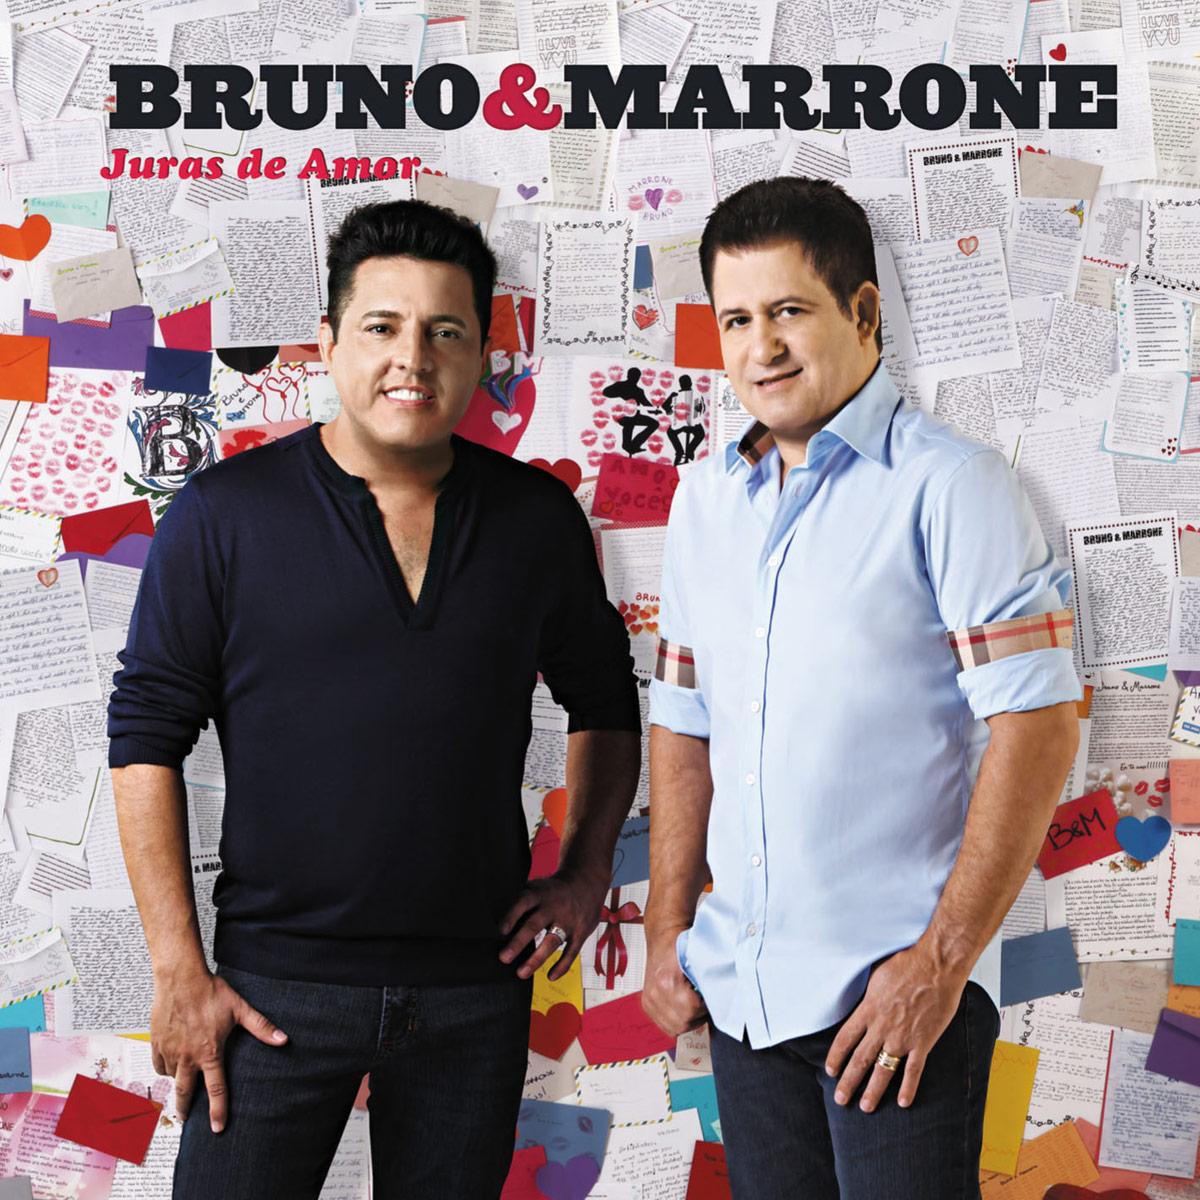 Bruno e Marrone - Juras de Amor